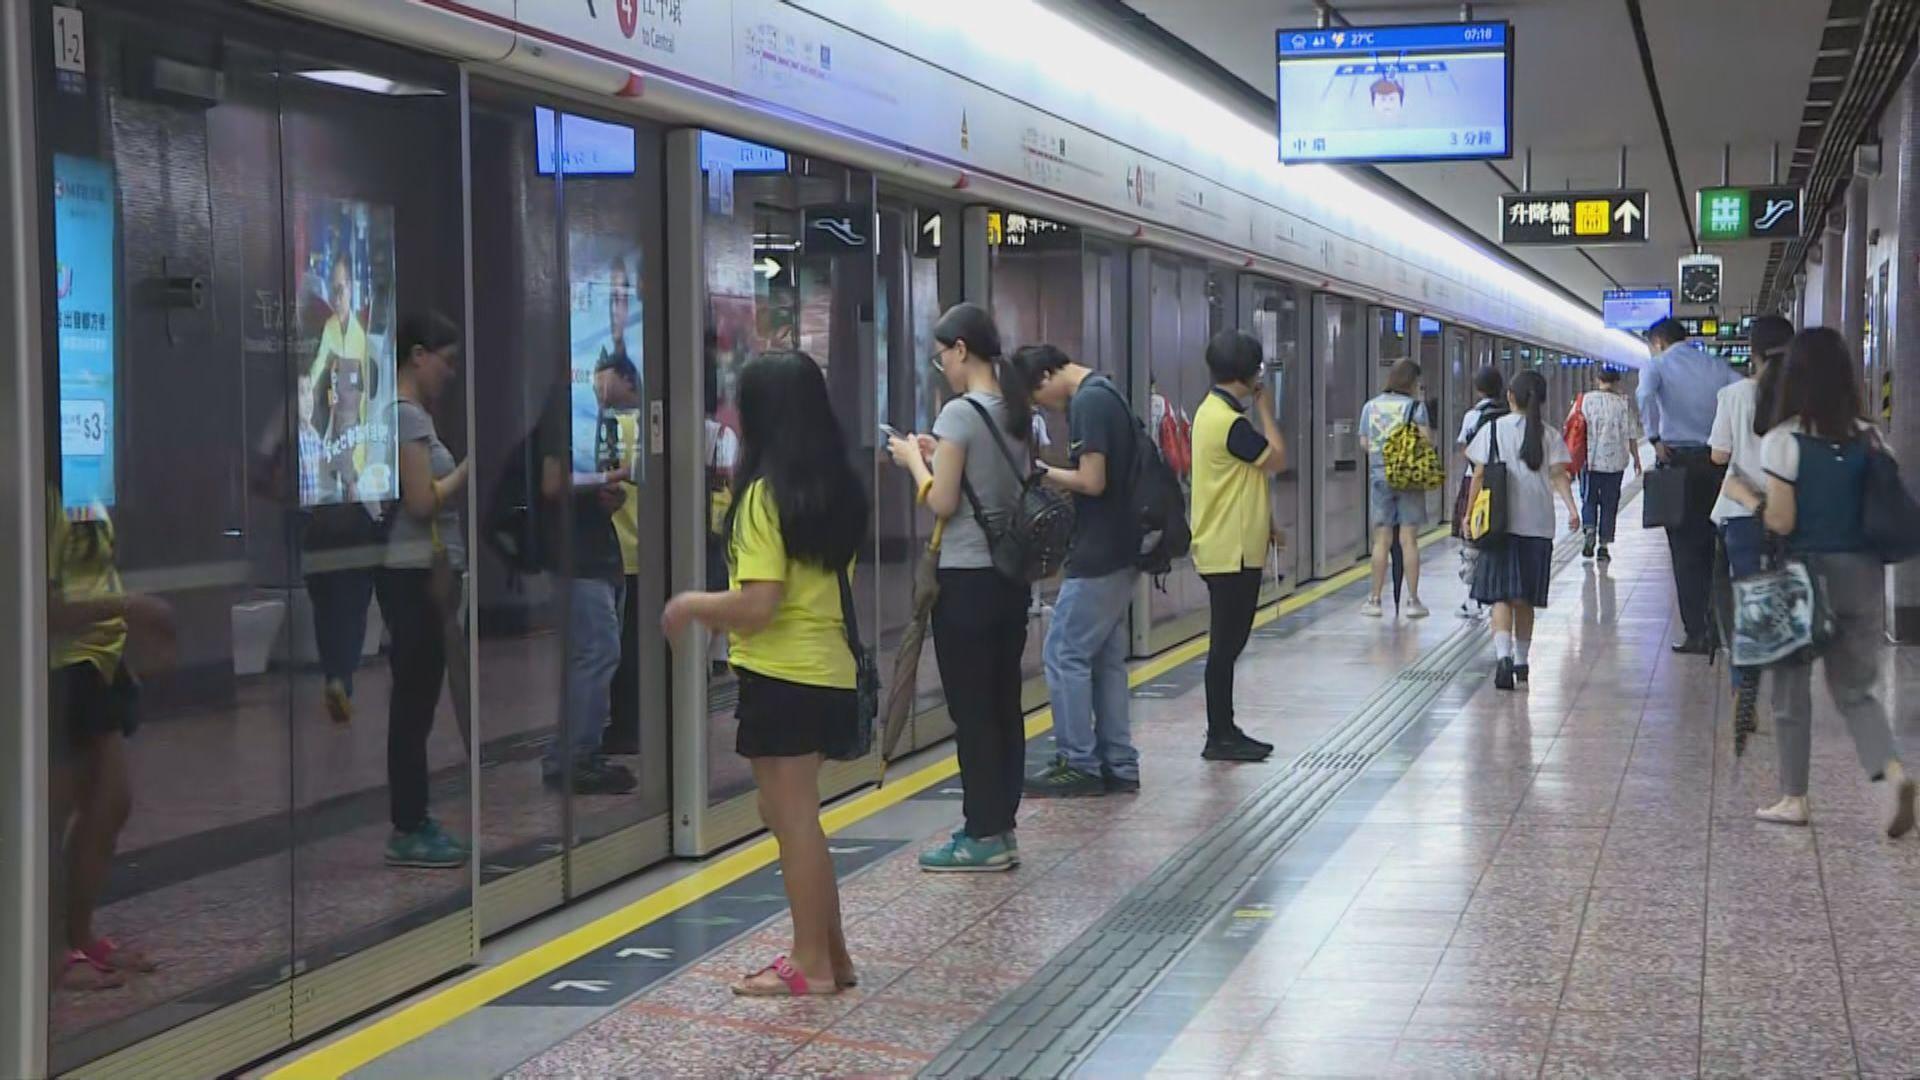 港鐵宣布所有車站開放 東涌站個別出口關閉